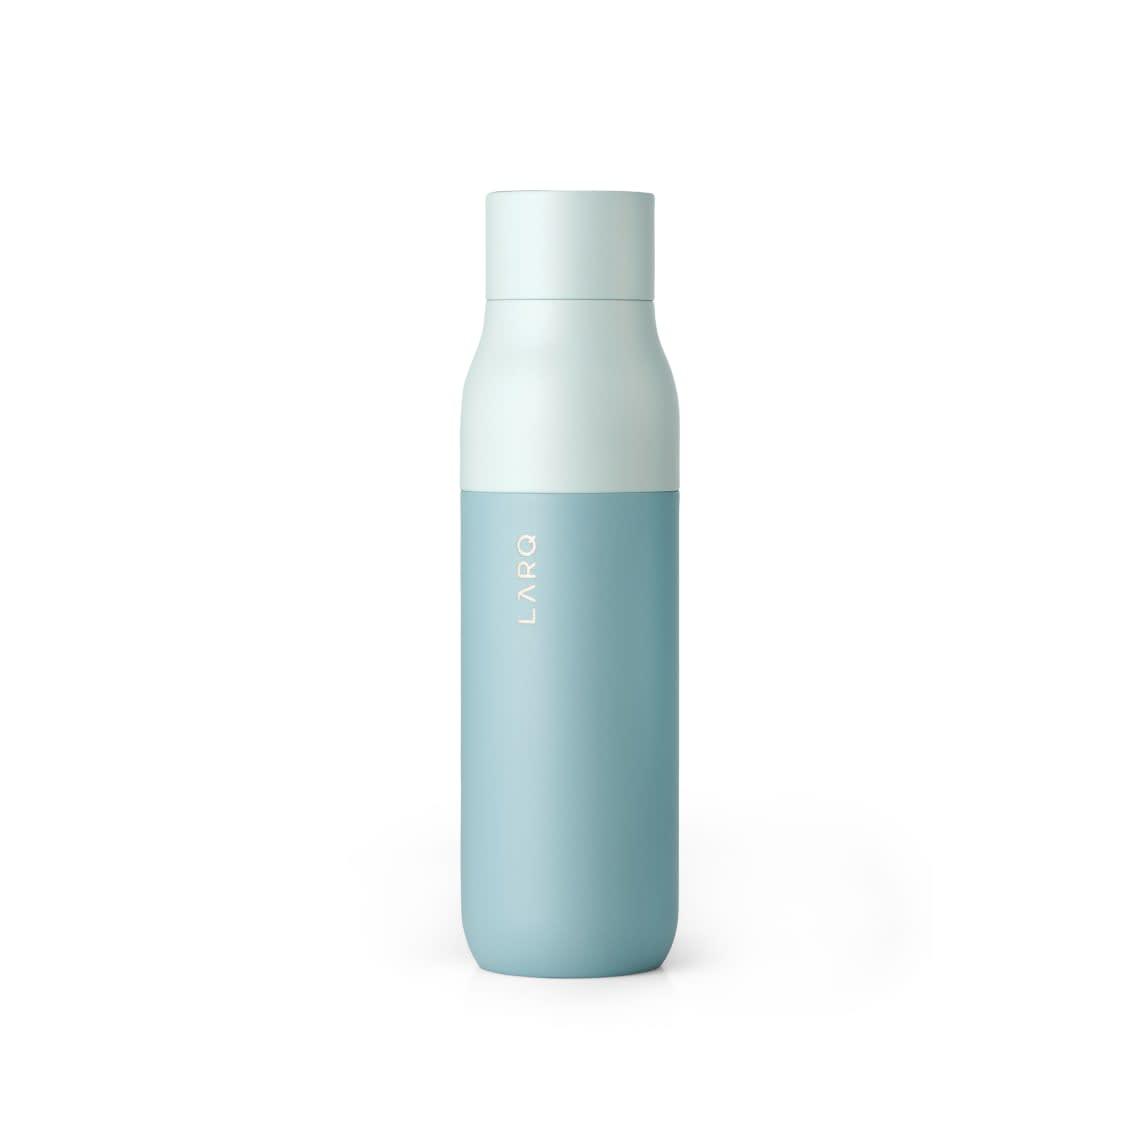 LARQ Insulated Bottle - Seaside Mint